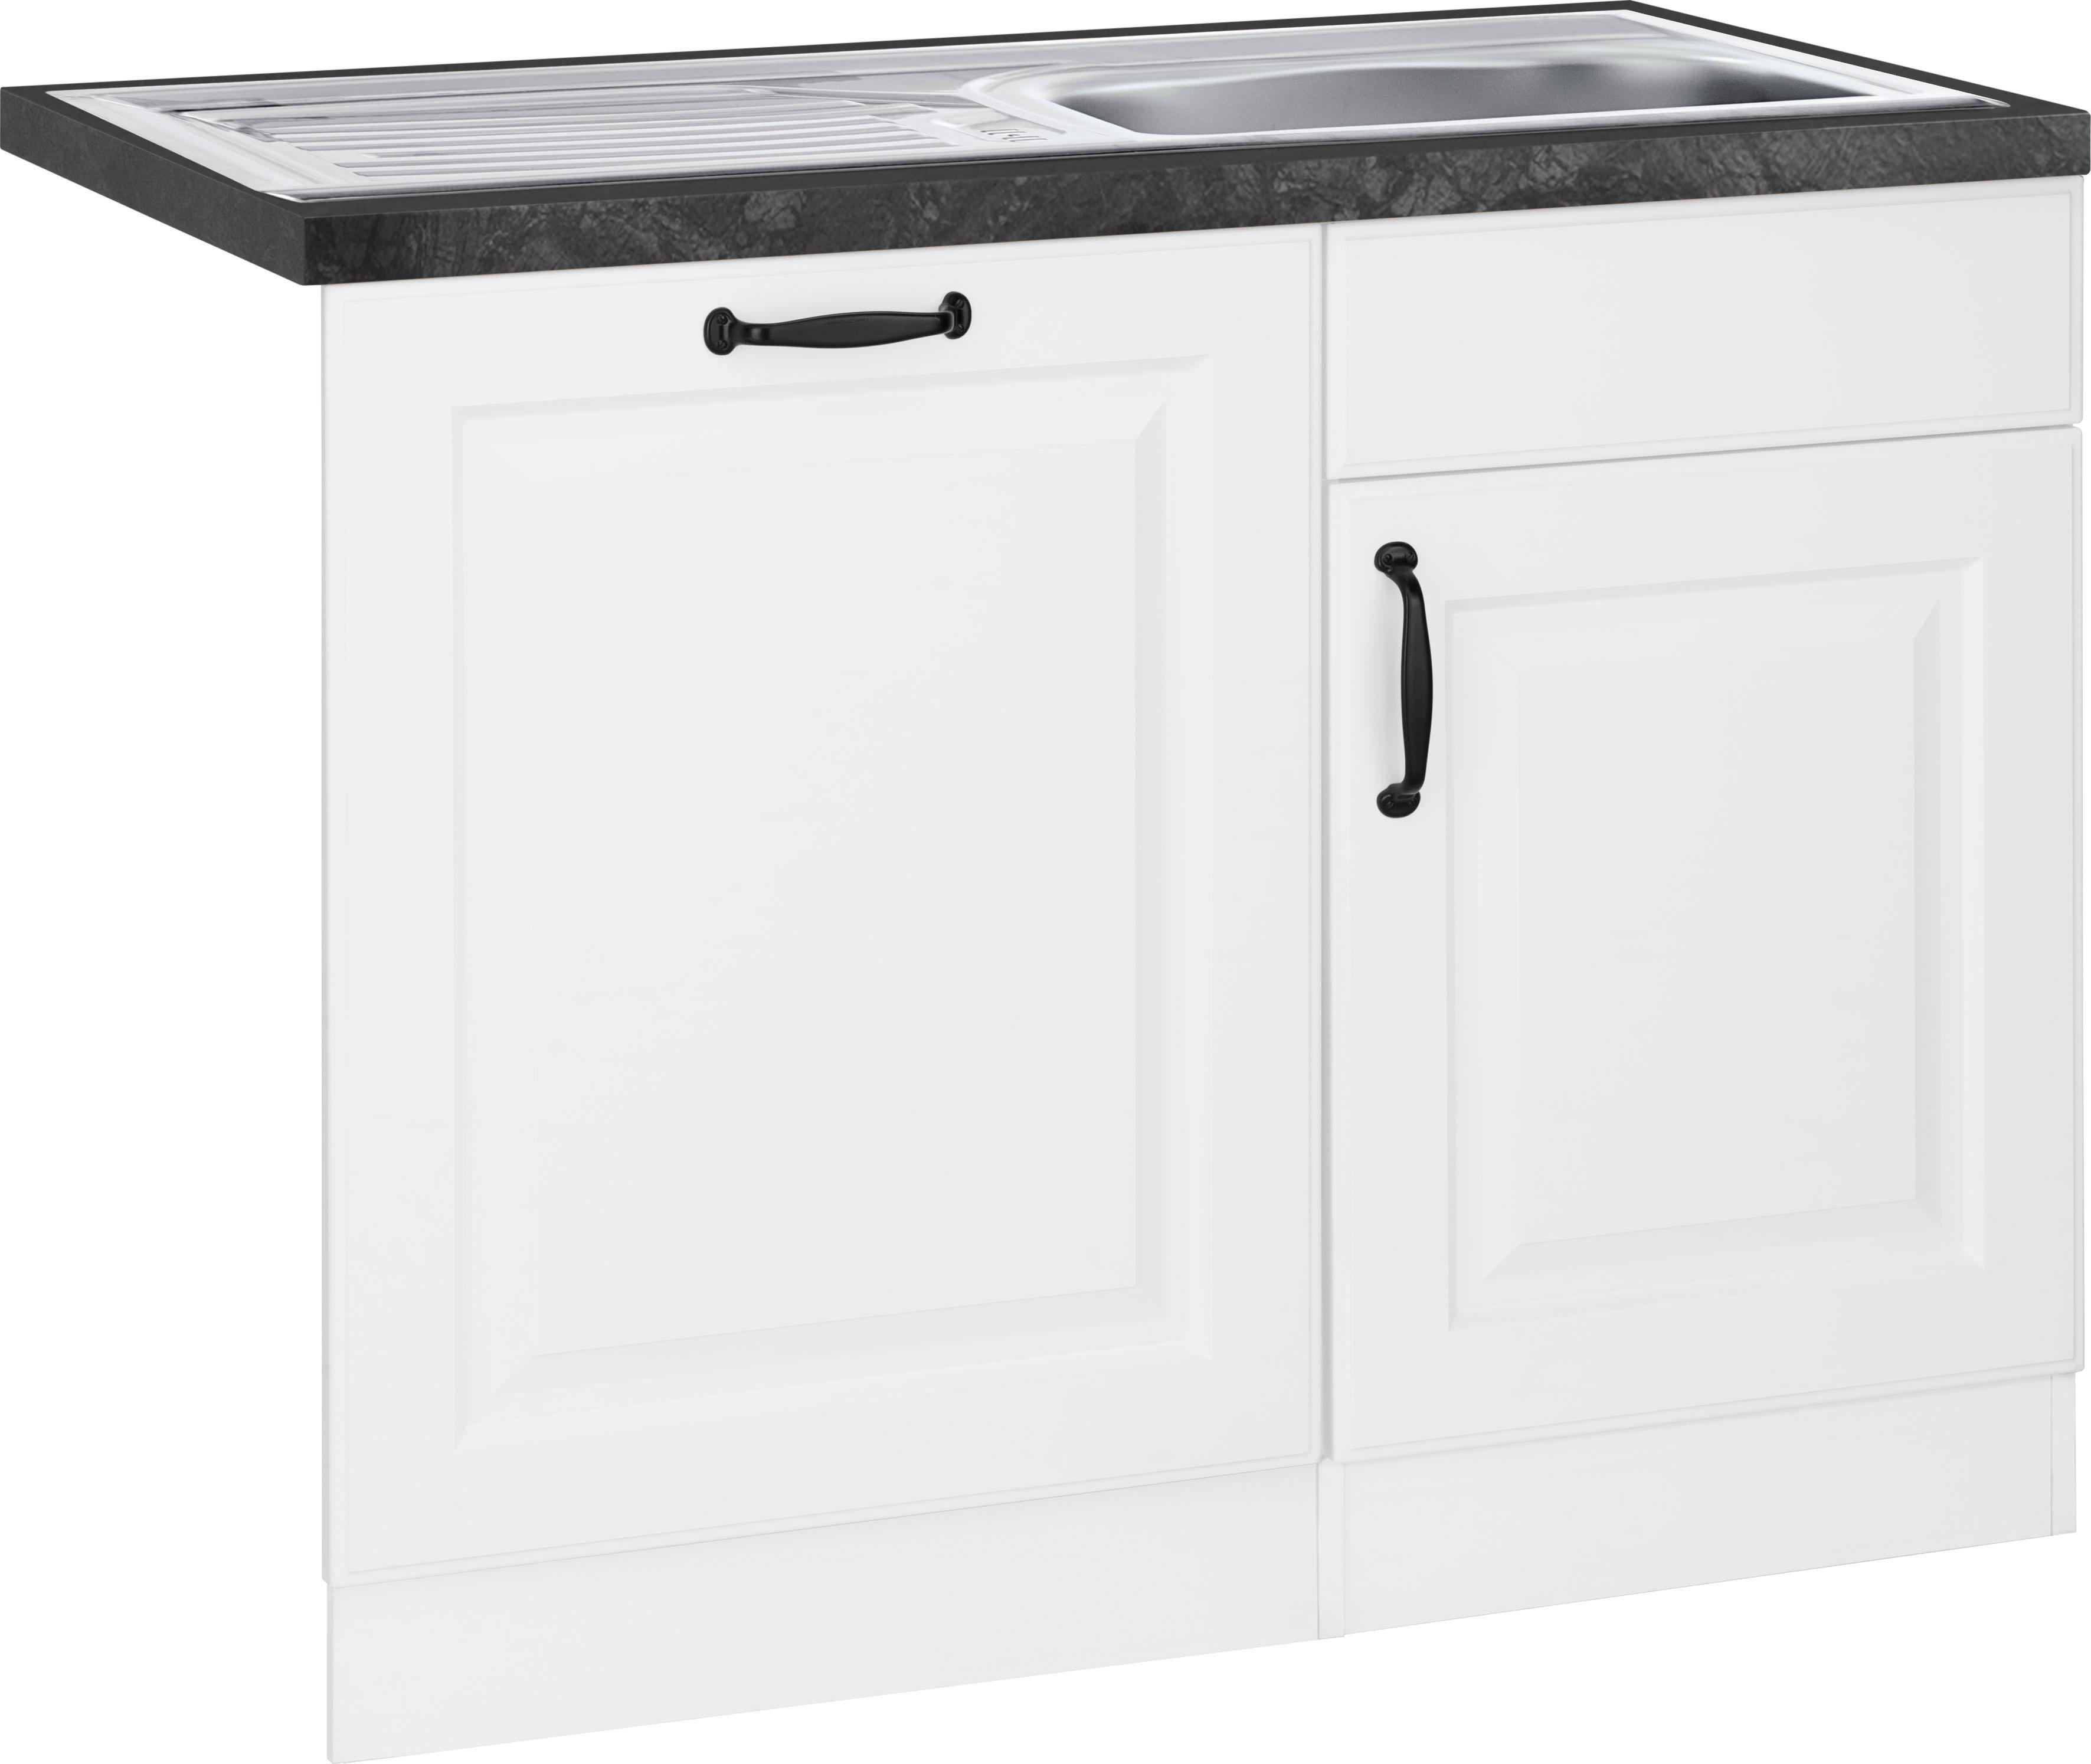 wiho Küchen Spülenschrank Erla, 110 cm breit, inkl. Tür/Sockel für Geschirrspüler weiß Spülenschränke Küchenschränke Küchenmöbel